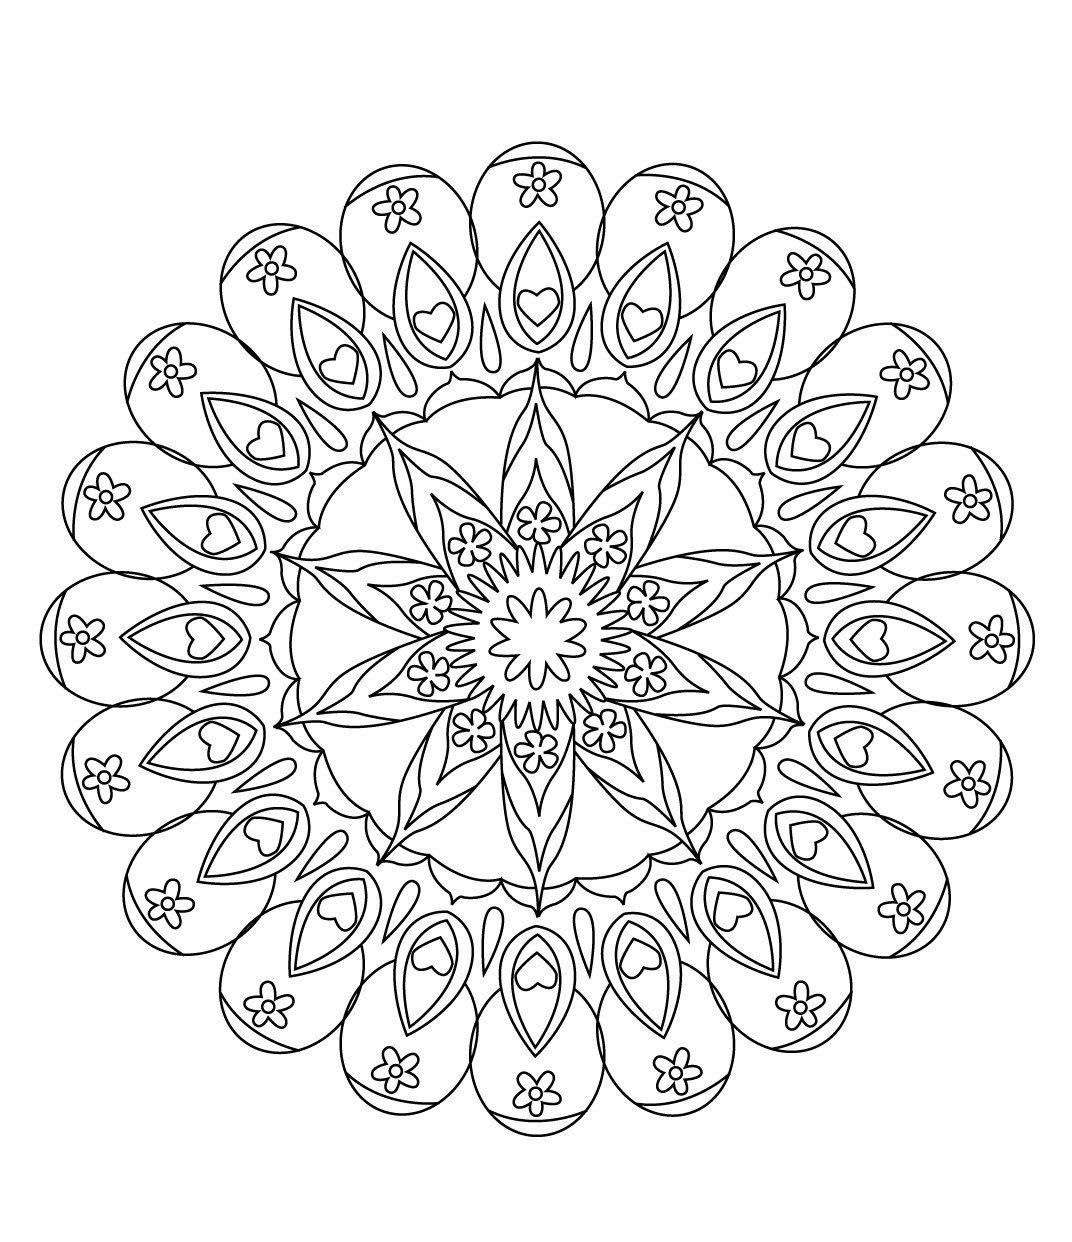 Stci coloriage pour adultes et enfants mandalas mandalas coloring pages pinterest - Mandala adulte ...